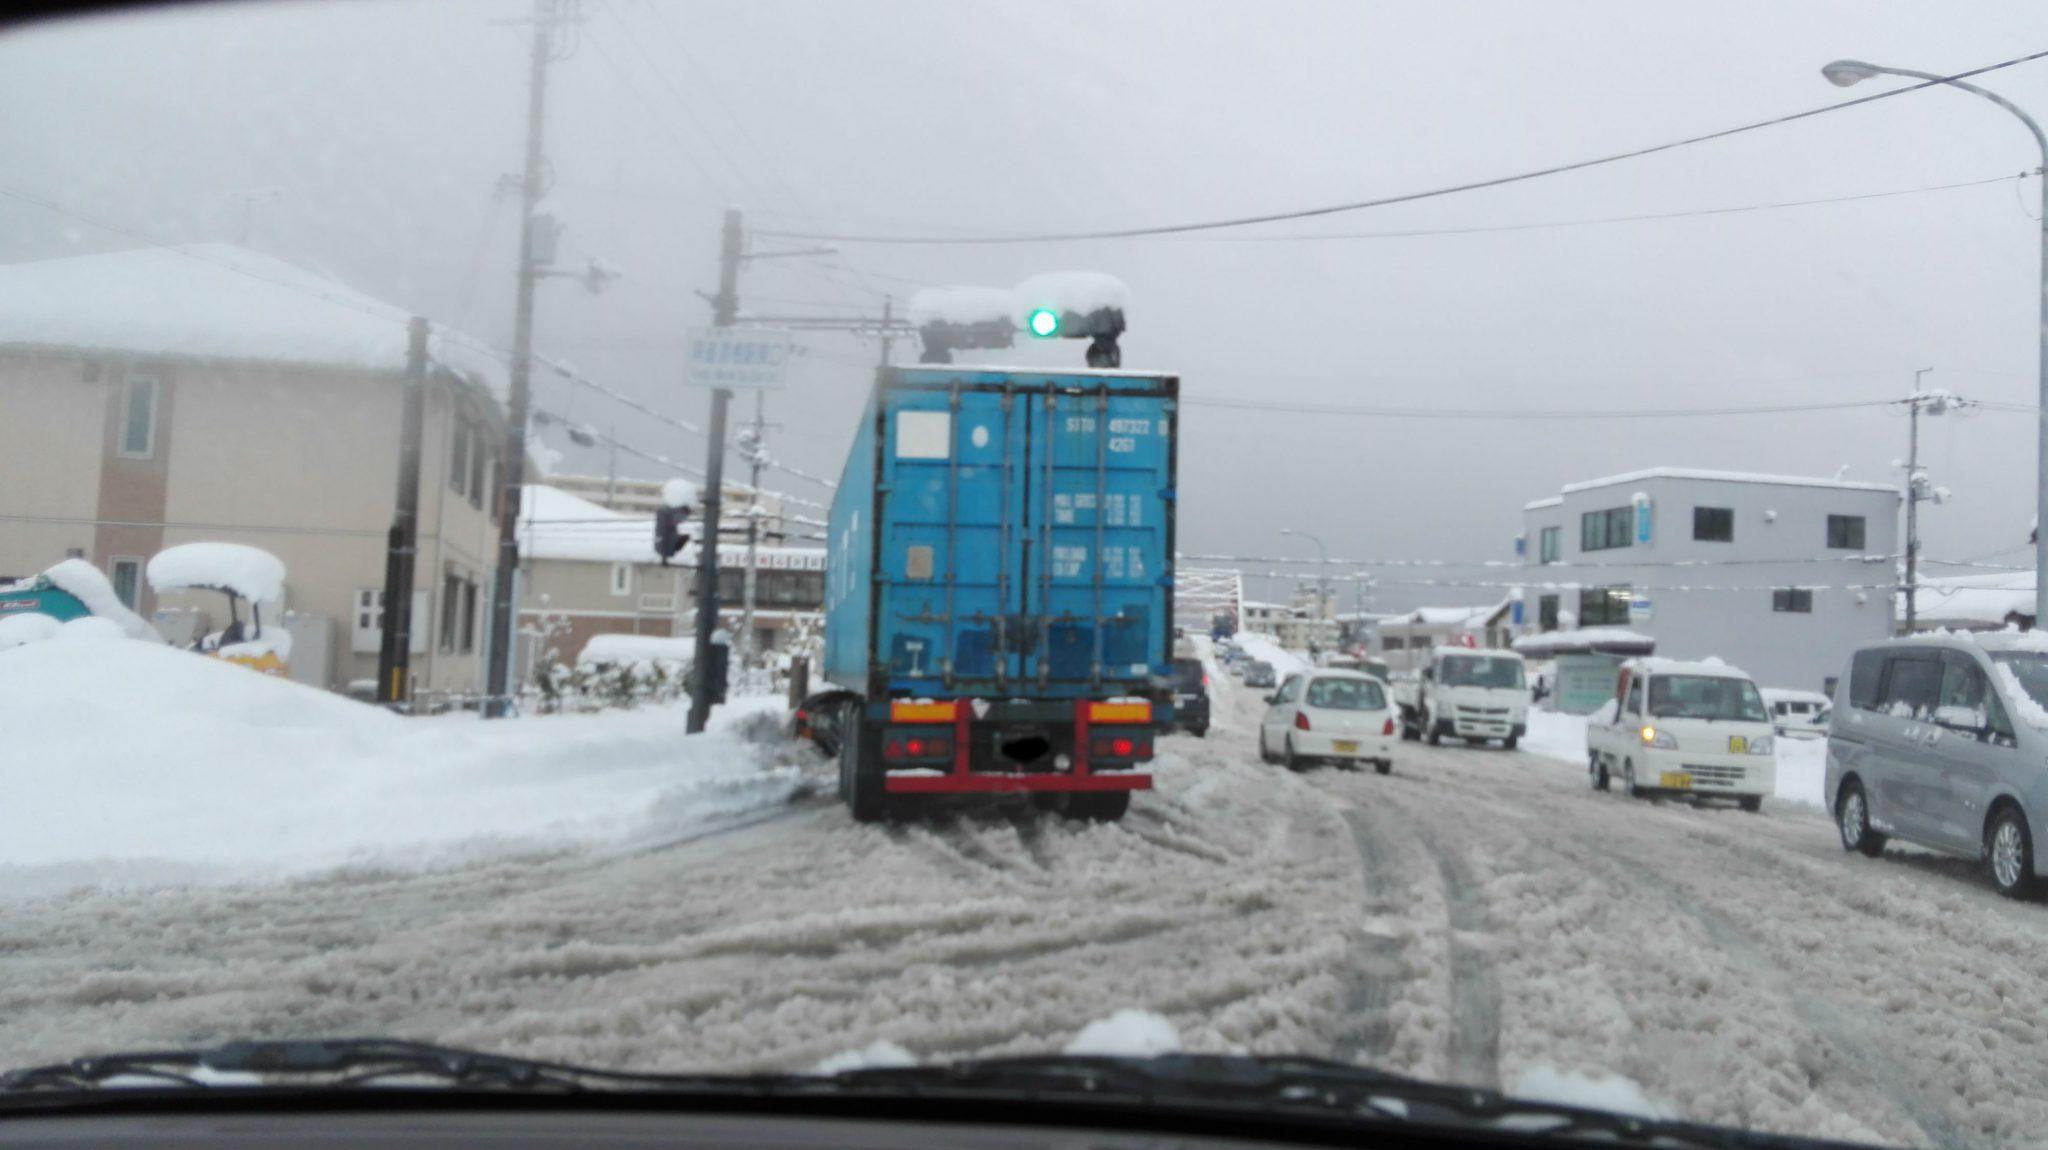 この冬3度目の彦根の大雪(2017)滋賀・彦根で33年ぶりの大雪 25日朝は全国的に凍てつく寒さ